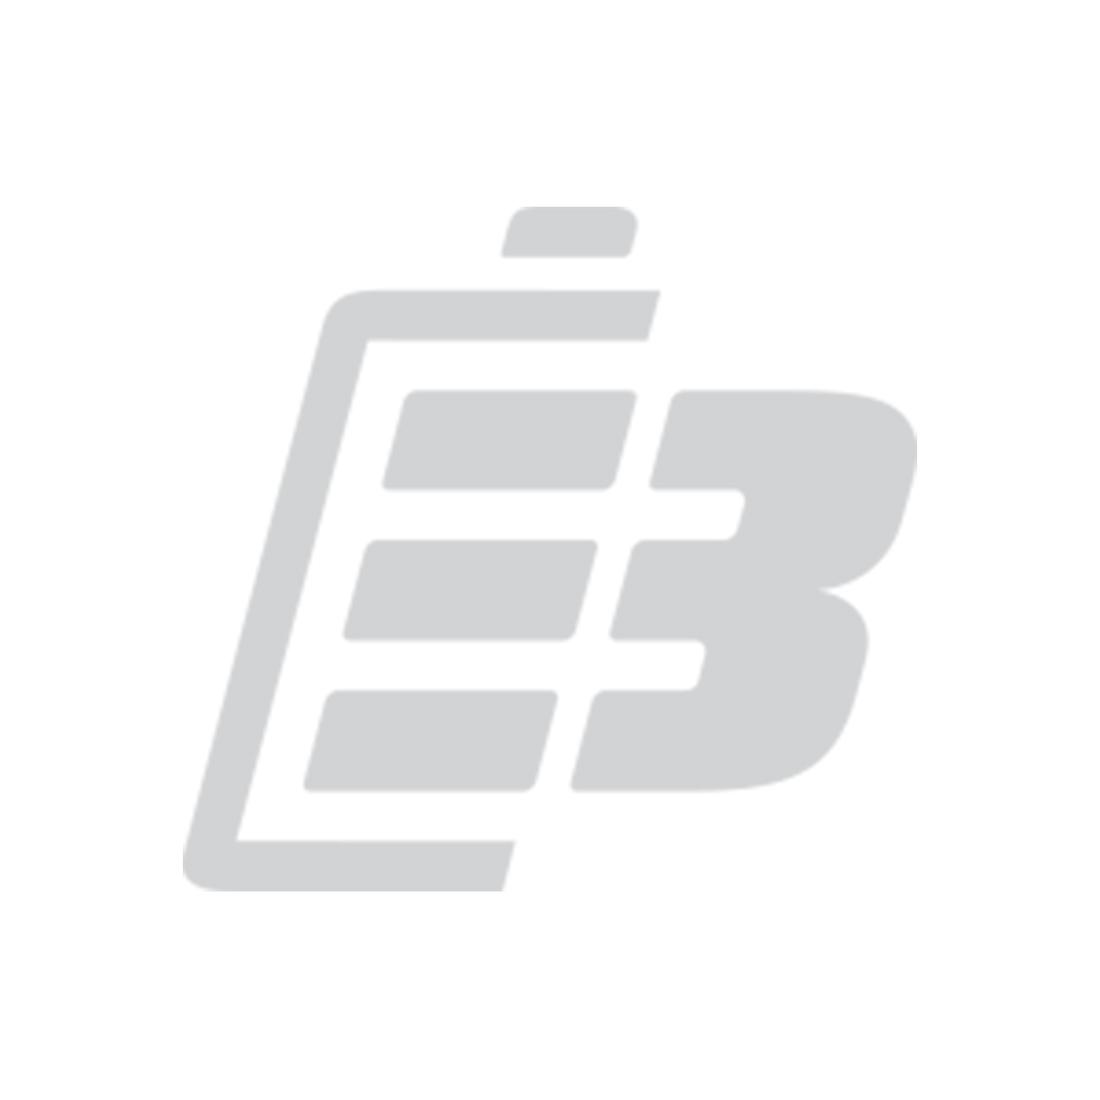 Μπαταρία smartphone Alcatel One Touch 991D_1